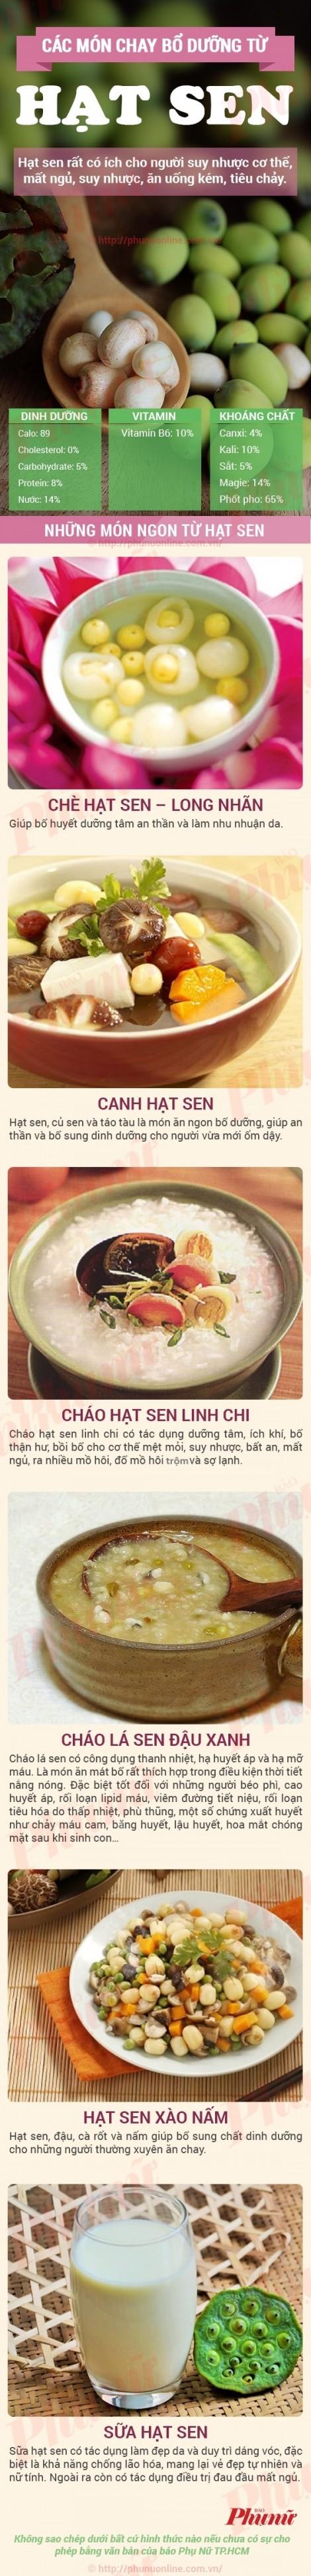 Các món chay bổ dưỡng từ hạt sen nên thử trong tháng 7 âm lịch